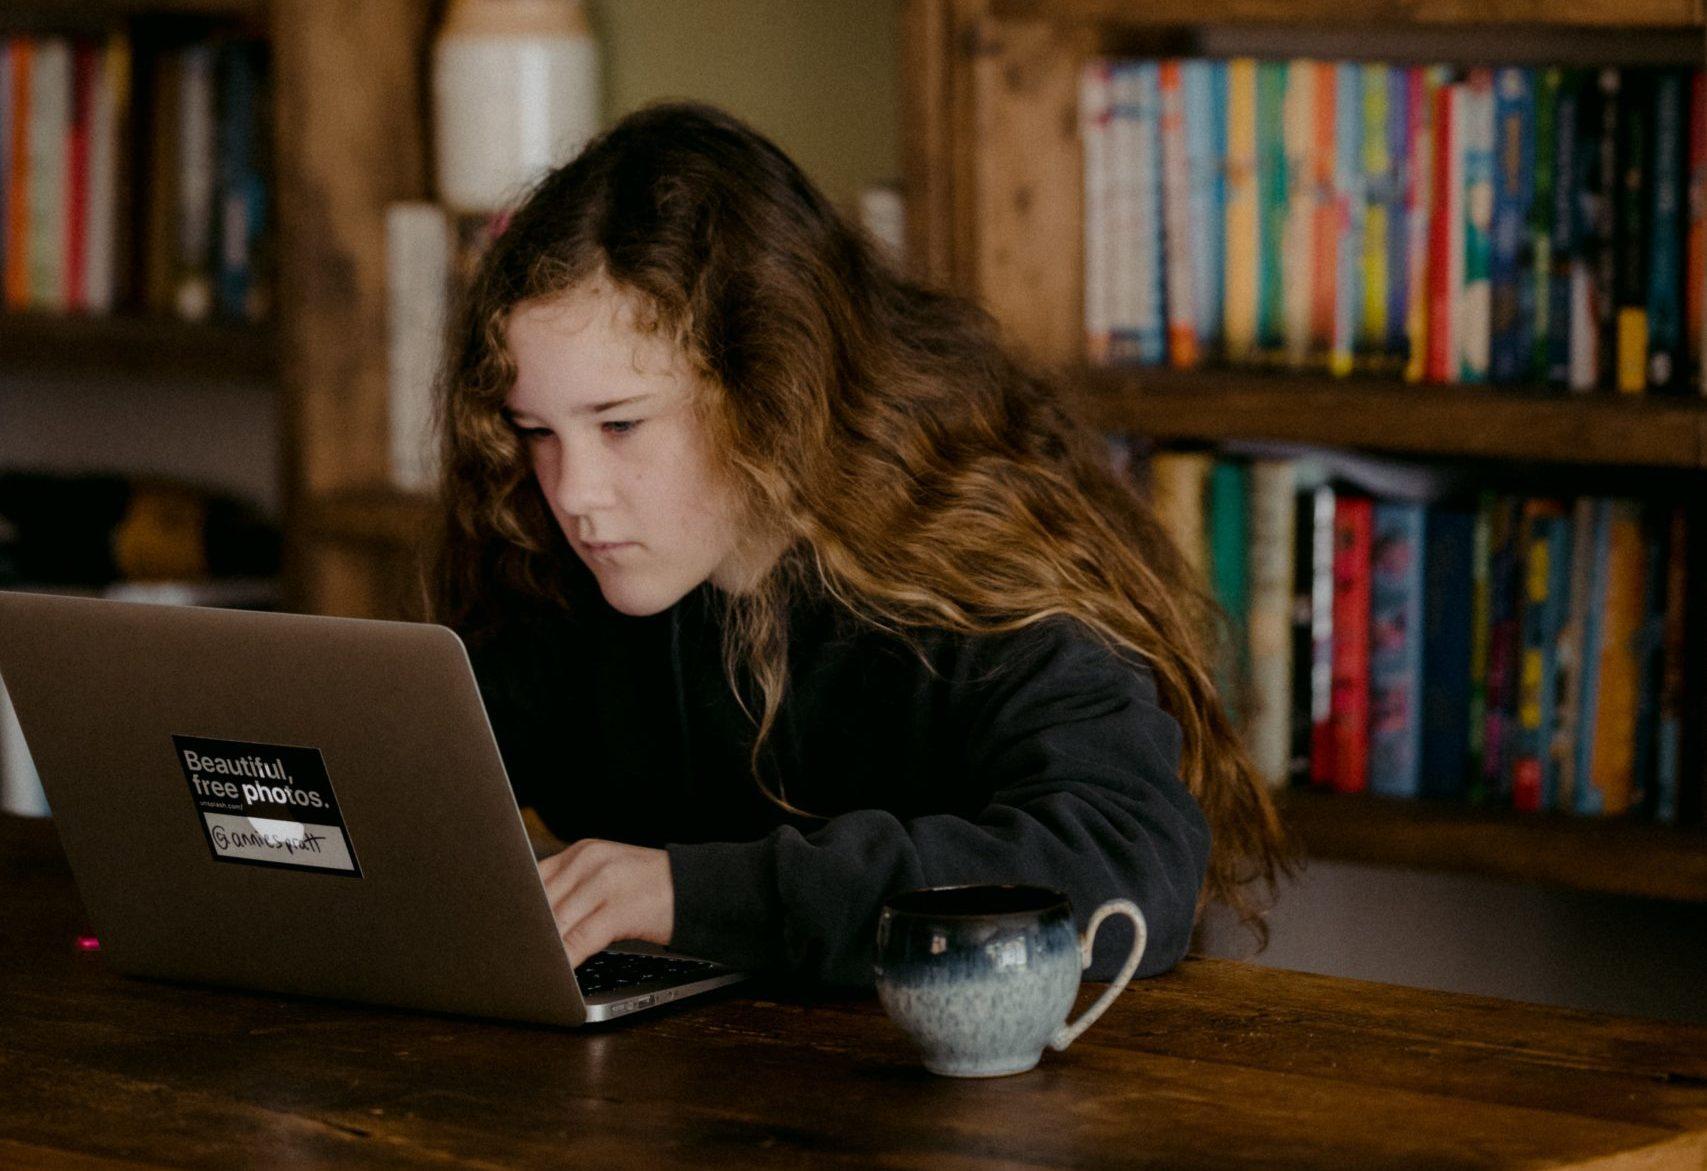 El blended learning es un método que despierta la curiosidad y la autonomía del alumnado.